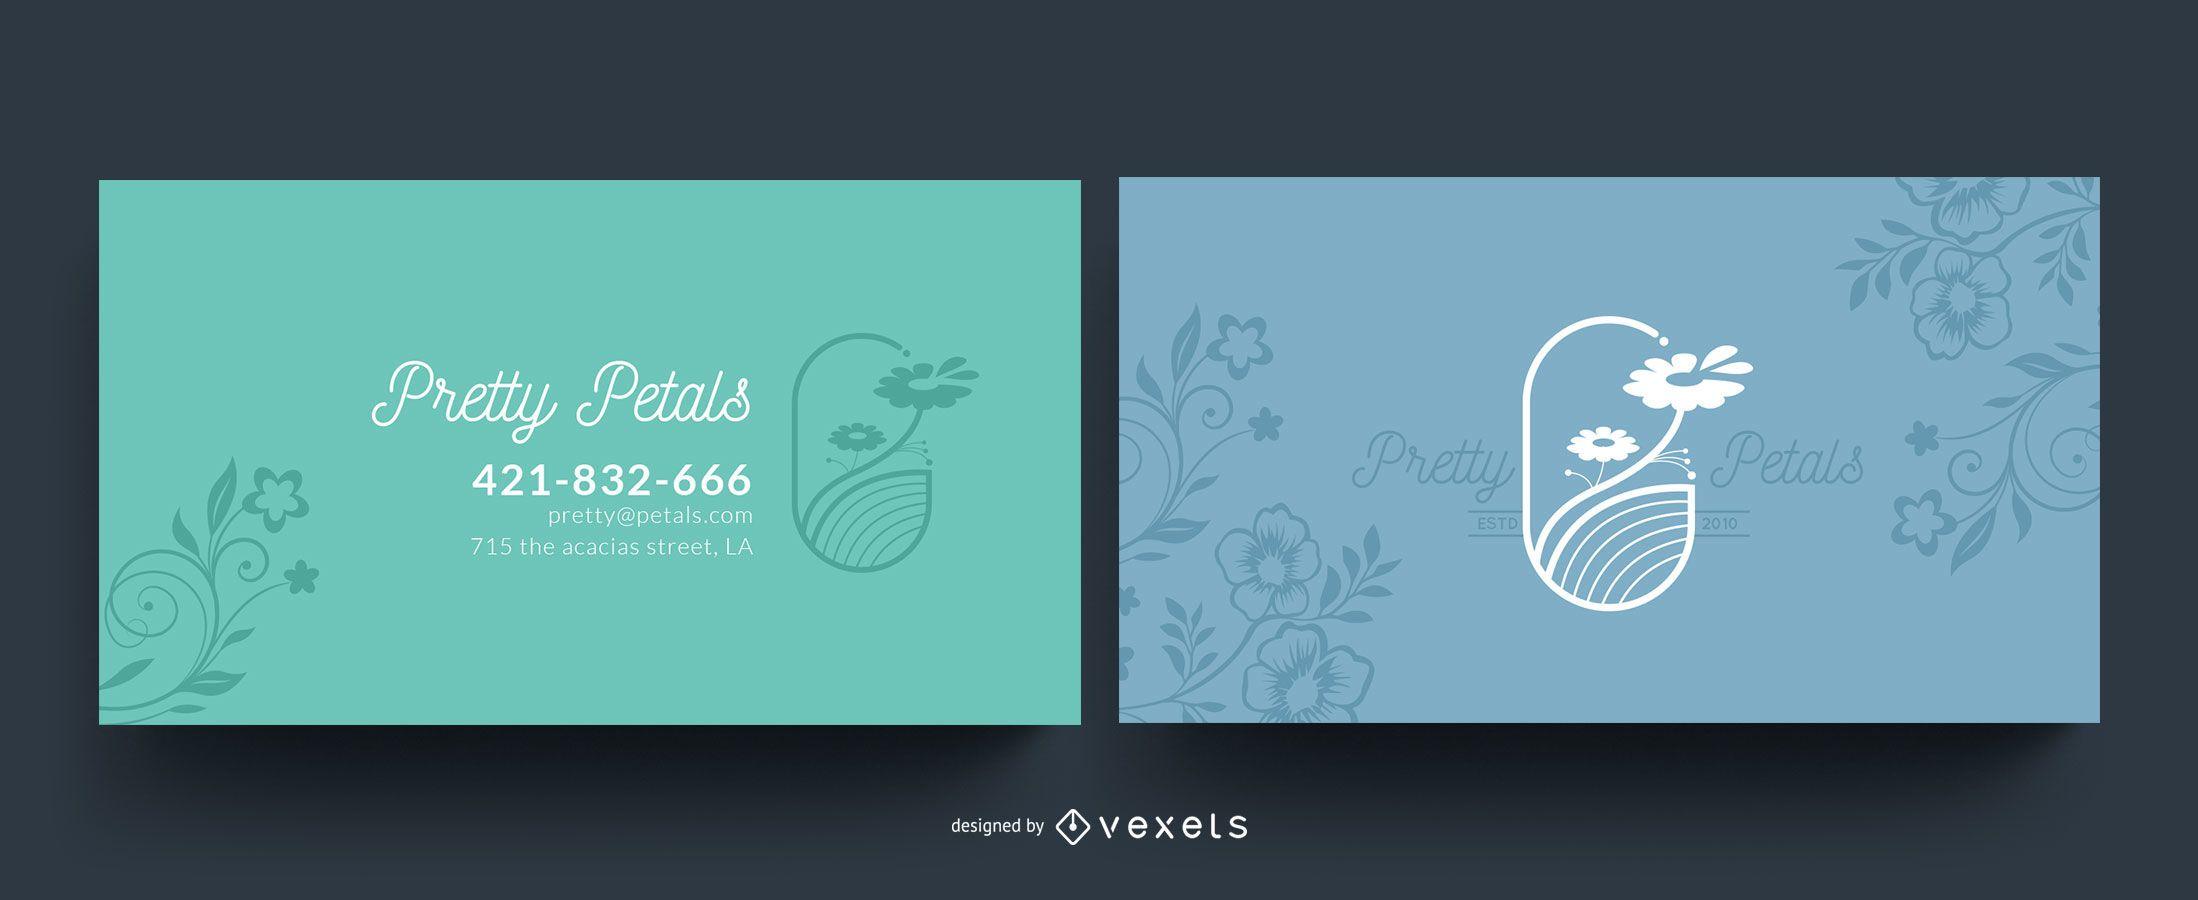 Flower petals business card